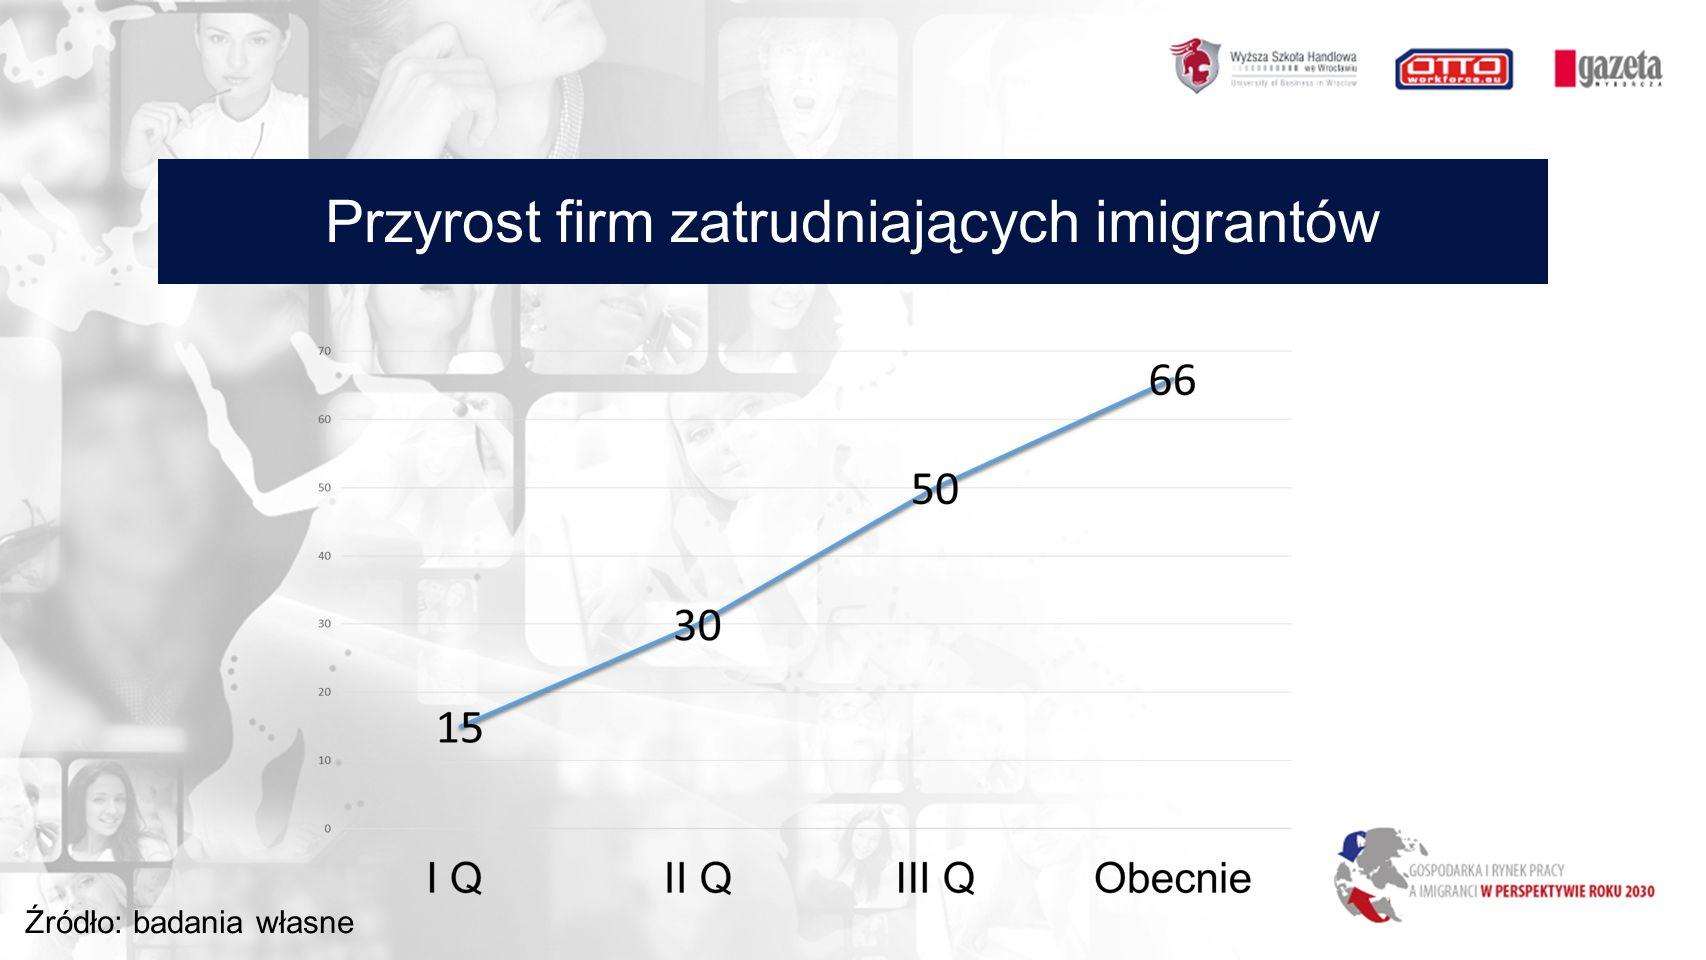 Przyrost firm zatrudniających imigrantów Źródło: badania własne